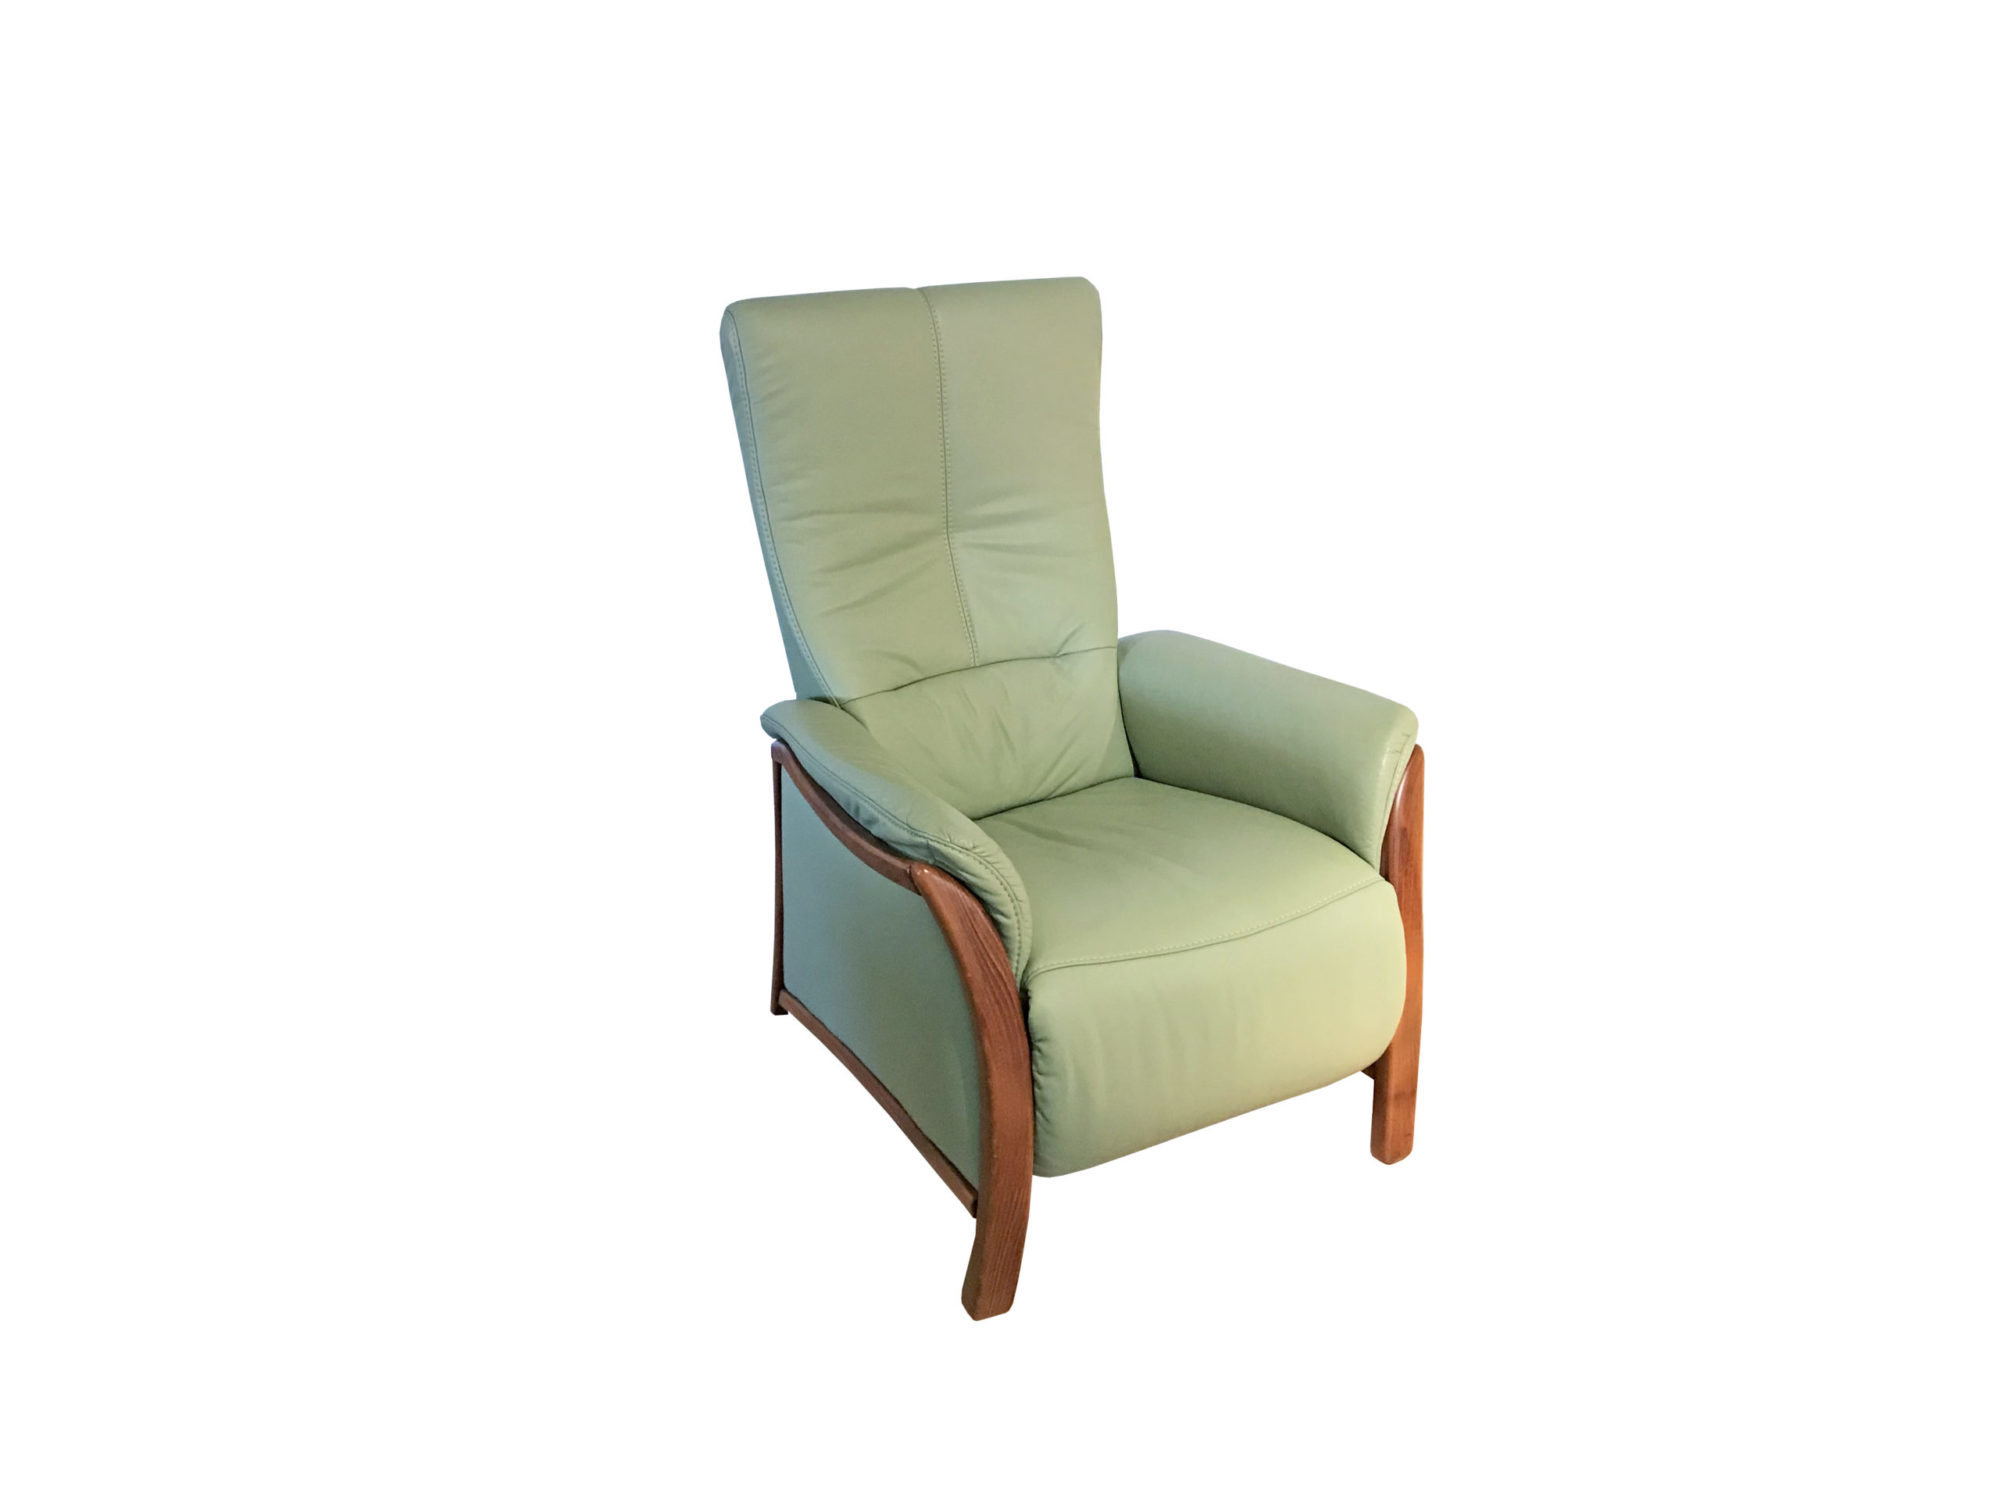 Relaxsessel mit grünem Leder zum Schnäppchenpreis im Abverkauf